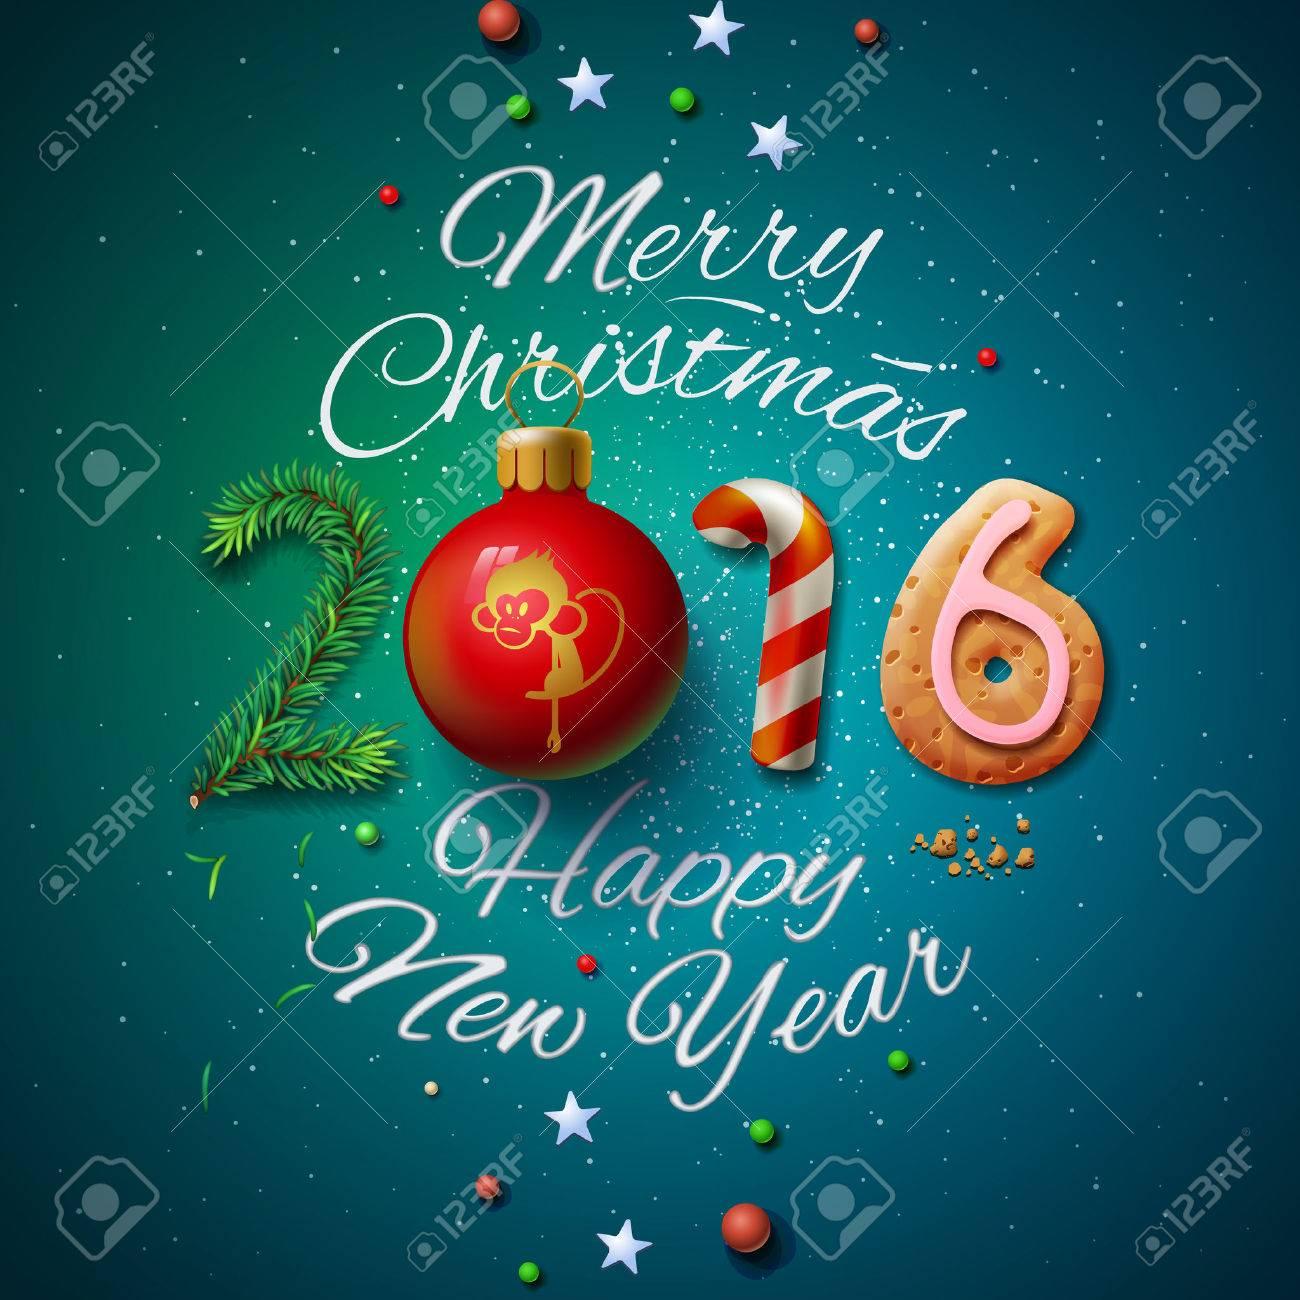 Frohe Weihnachten und ein gutes neues Jahr 2016 Grußkarte Standard-Bild - 48425021